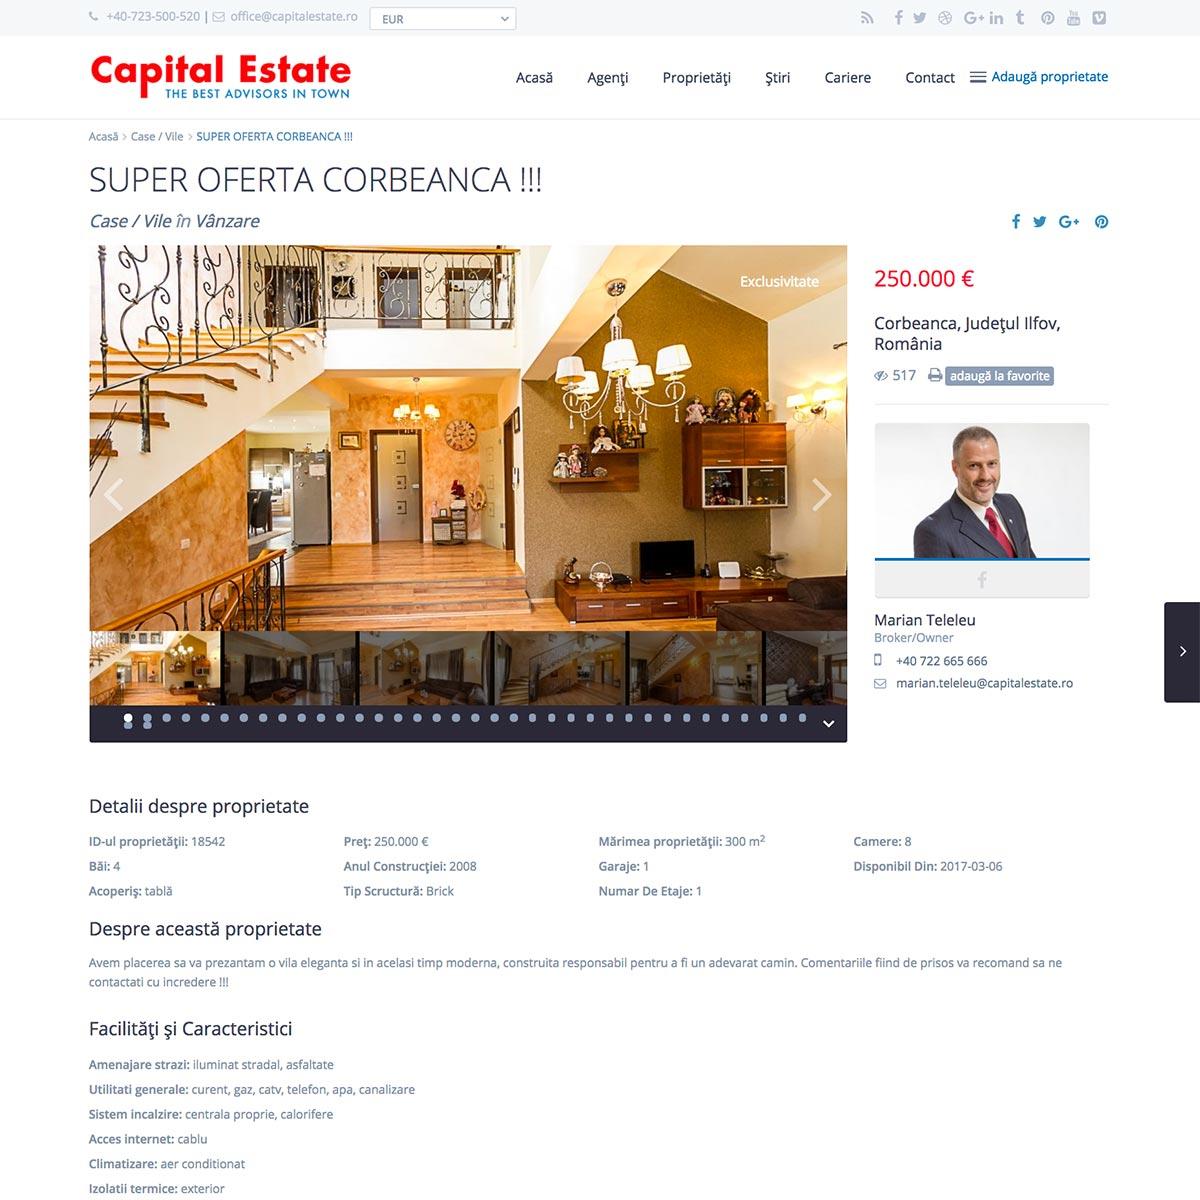 Creare site web, portofoliu - Capital Estate